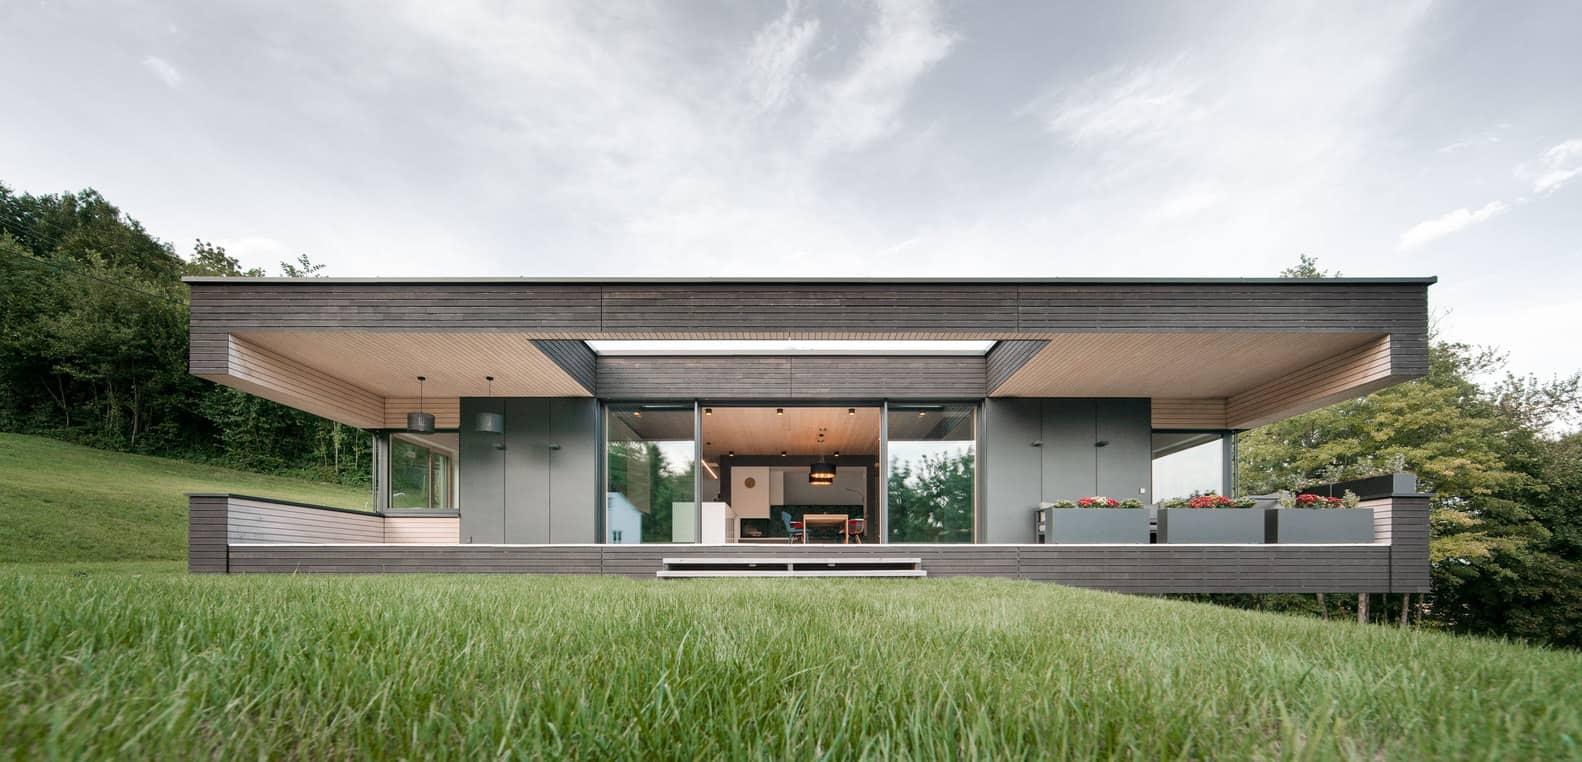 DỰ ÁN NHÀ PHỐ HIỆN ĐẠI - adarchitect.com.vn